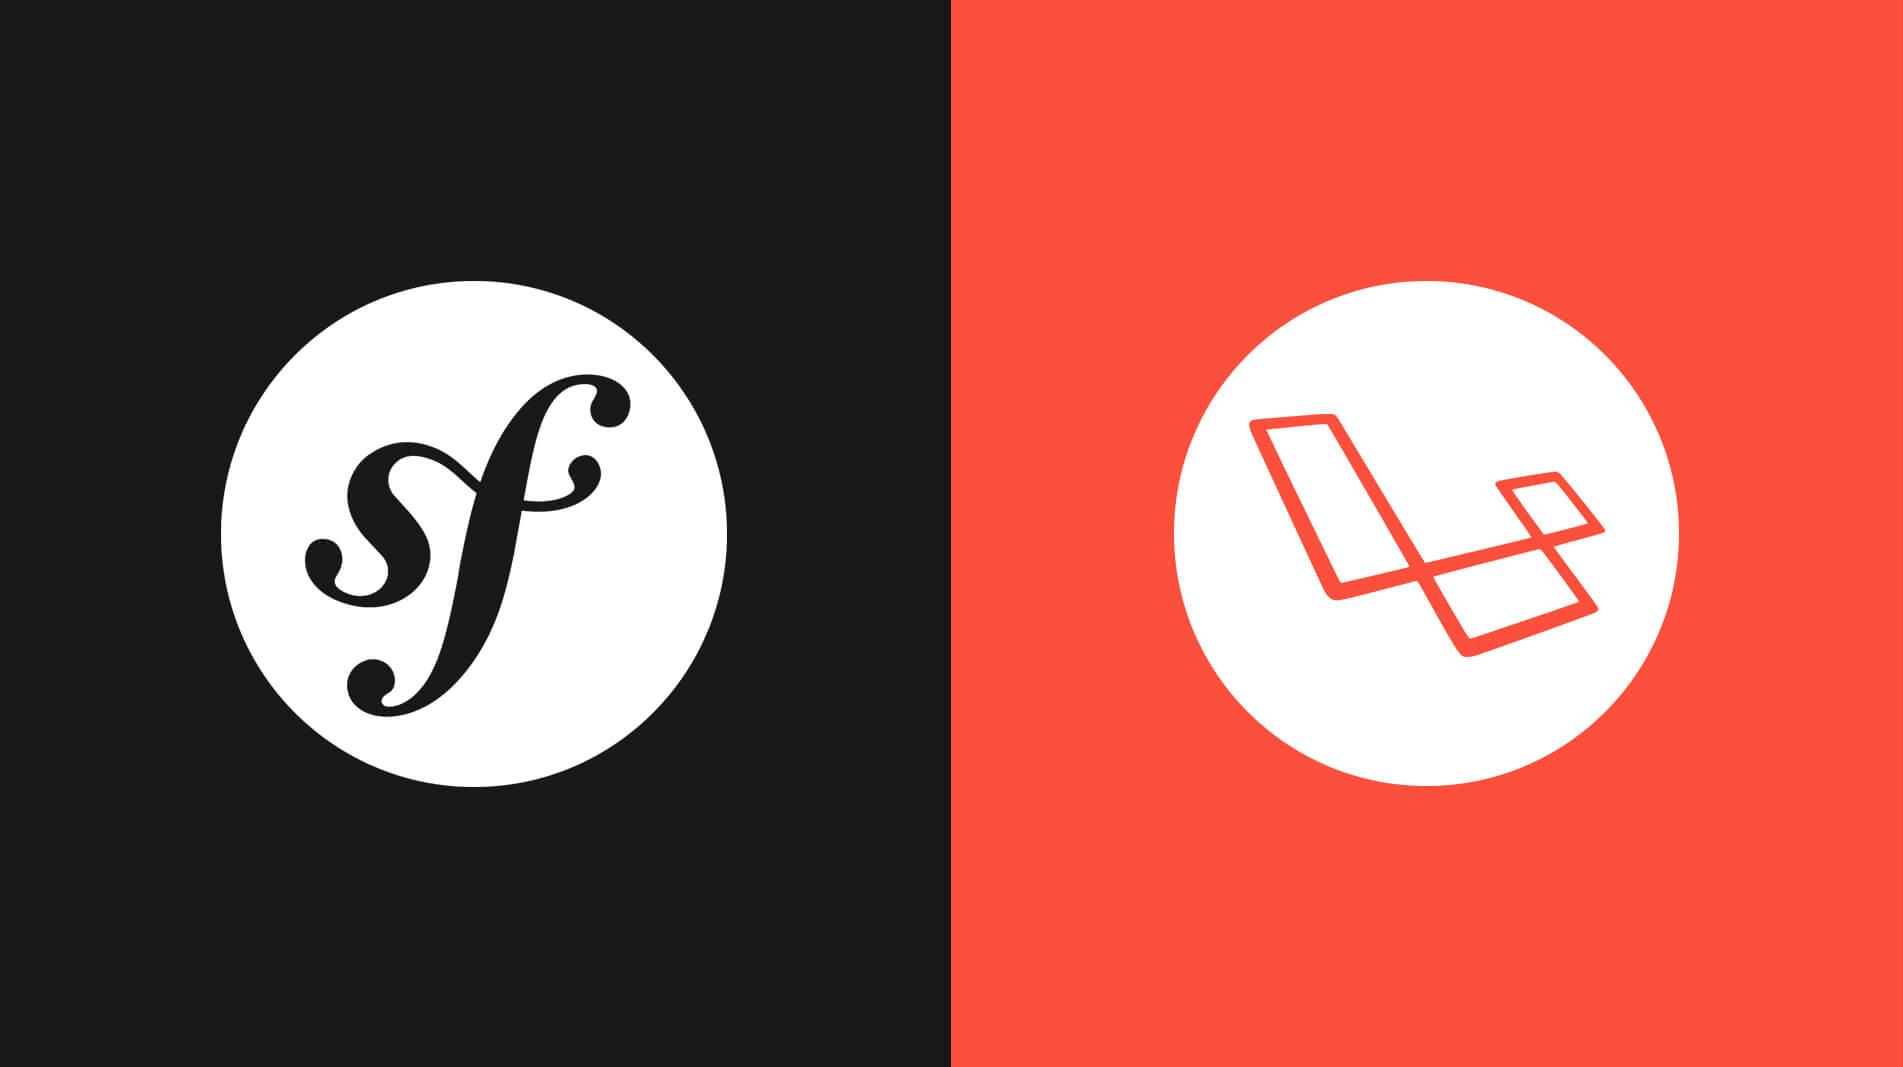 Symfony vs Laravel : Which PHP framework to choose?